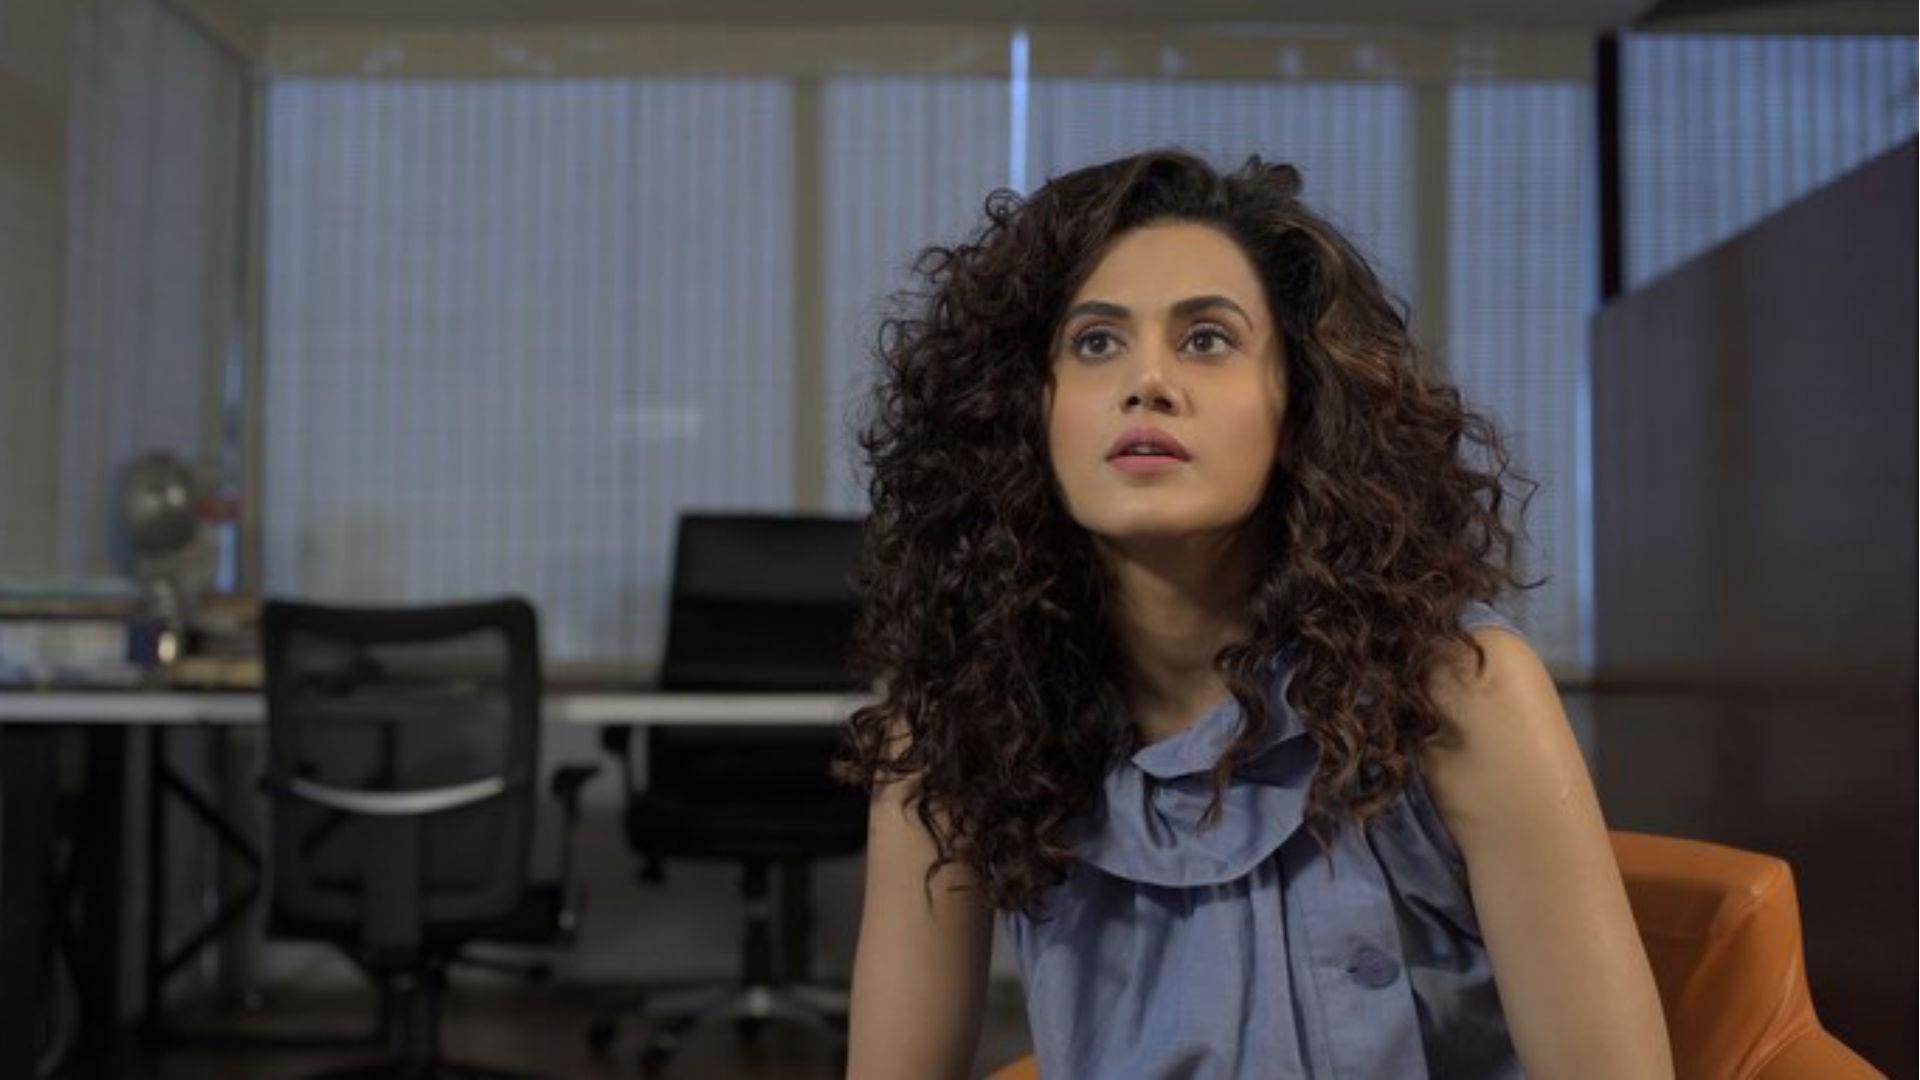 कंगना रनौत की बहन रंगोली चंदेल ने तापसी पन्नू को बताया 'सस्ती कॉपी', अनुराग कश्यप का आया जवाब